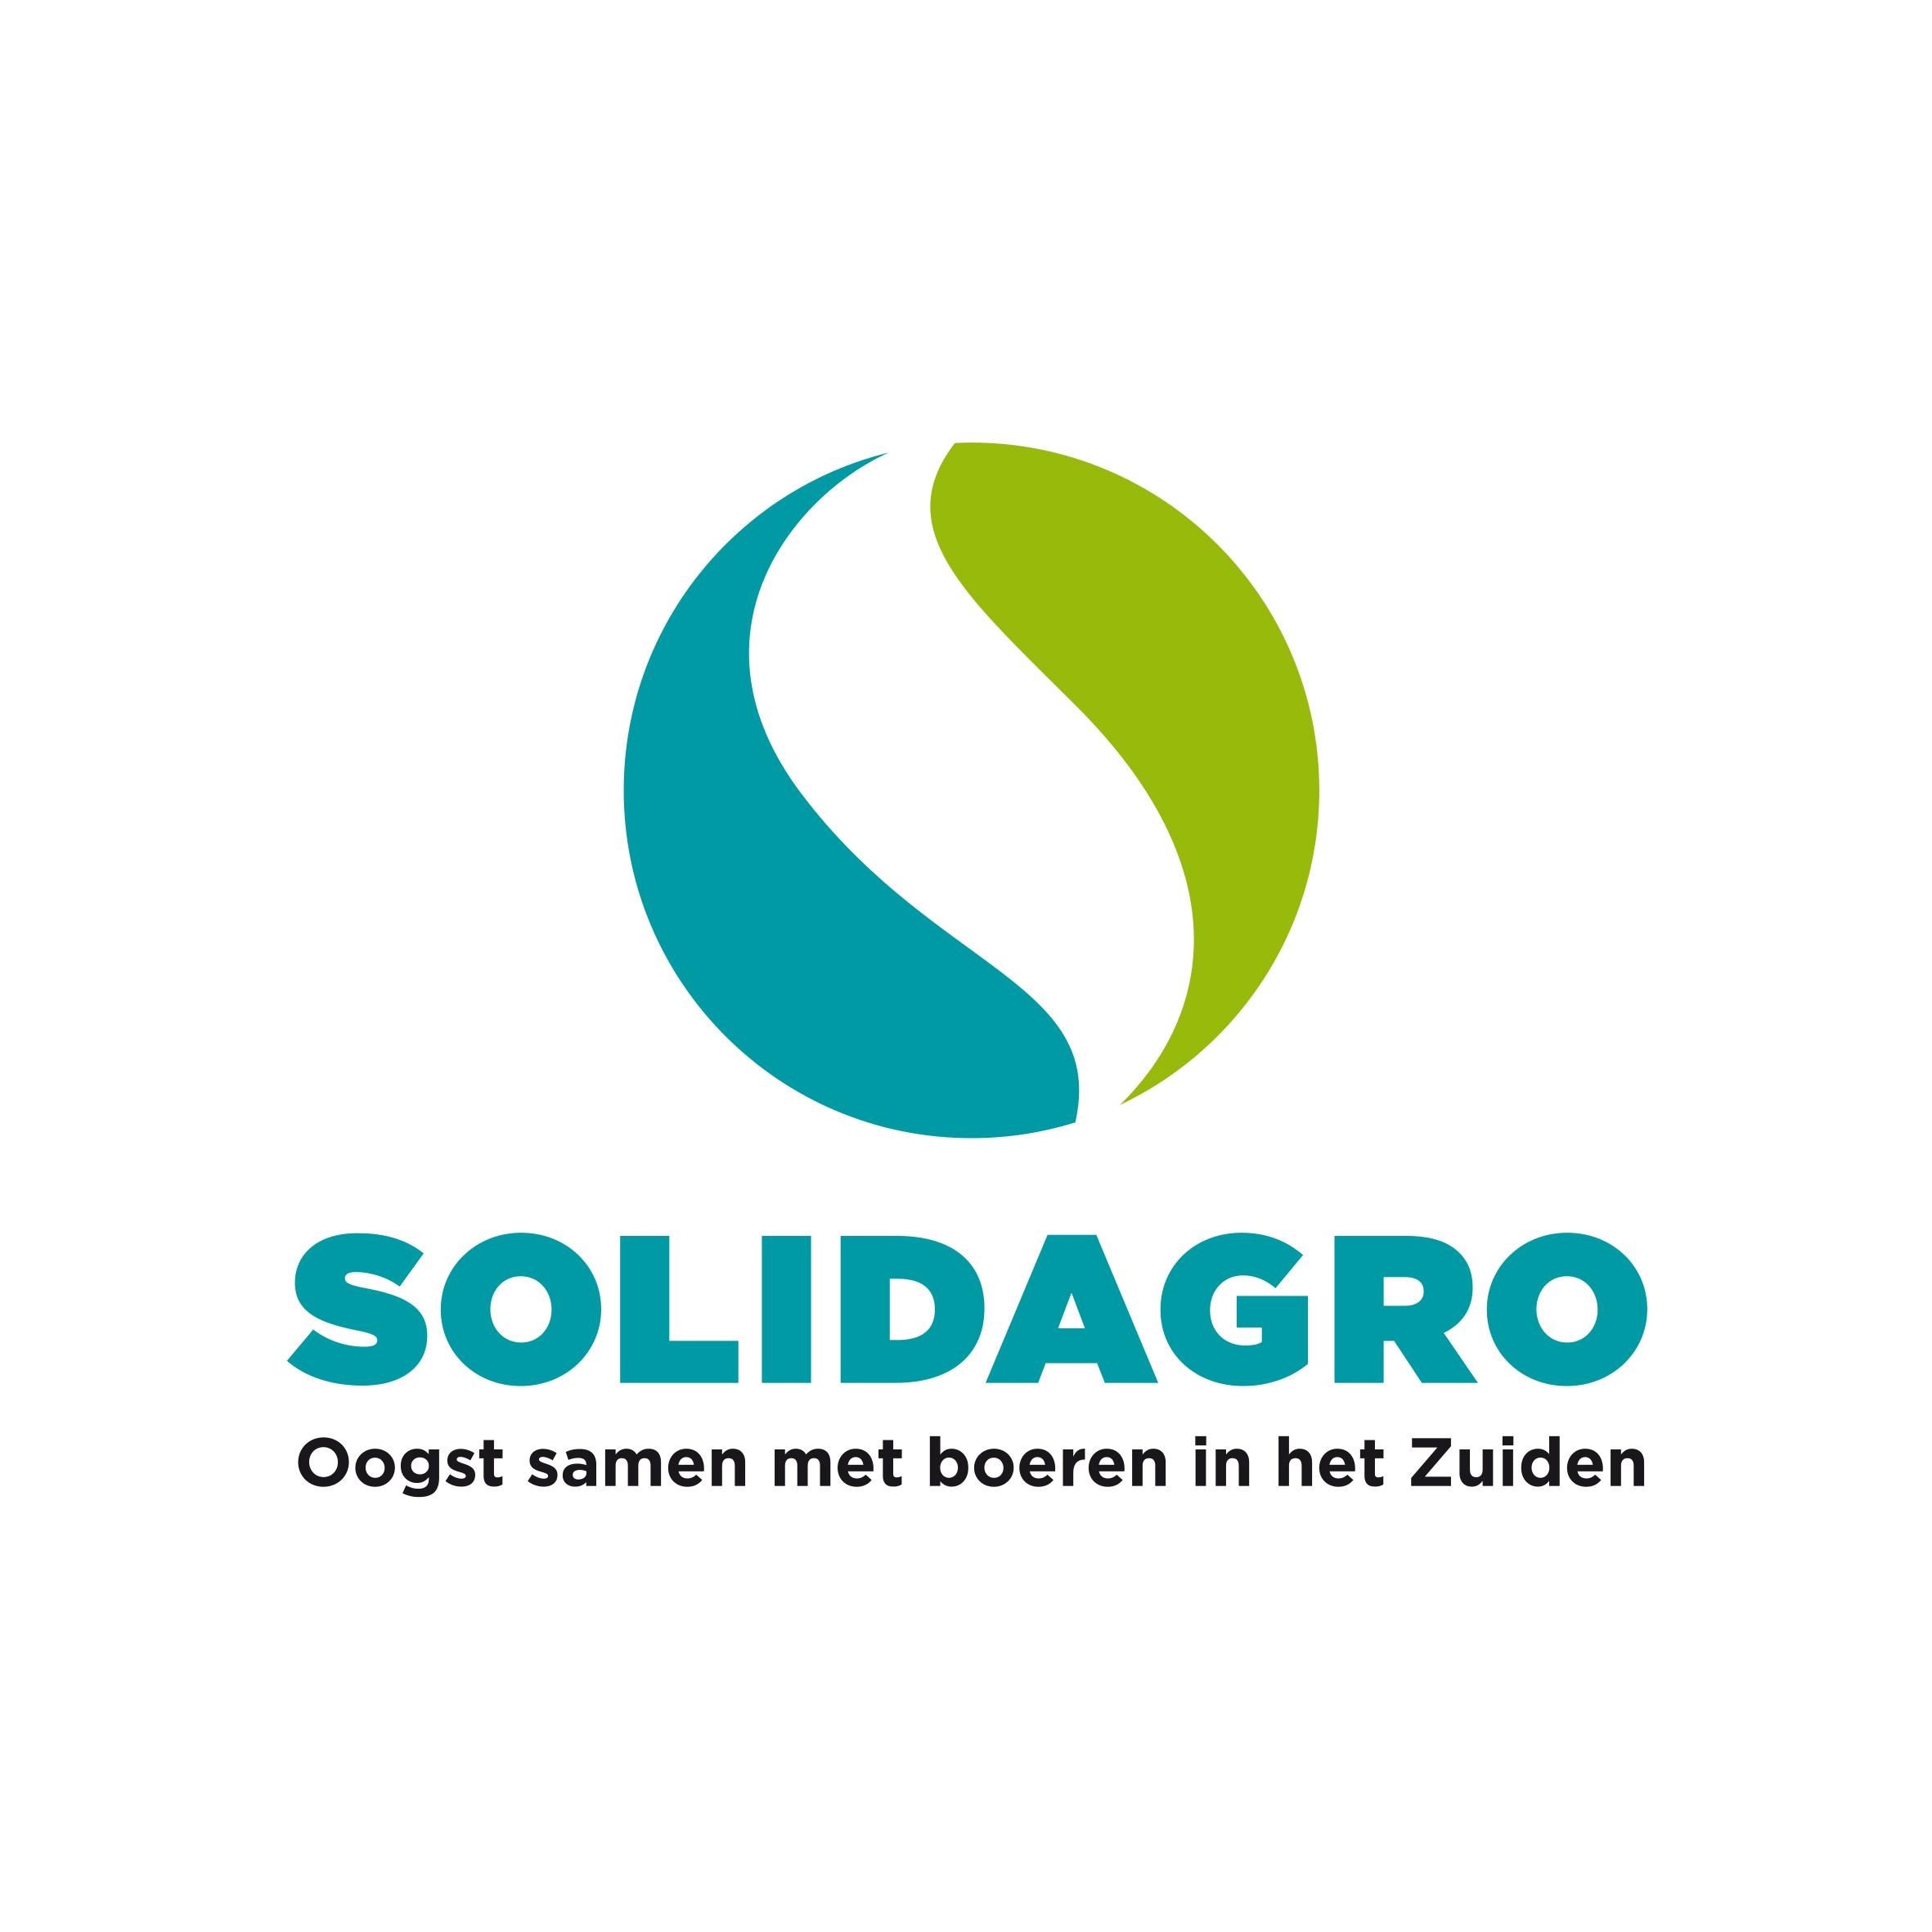 Solidagro_rgb